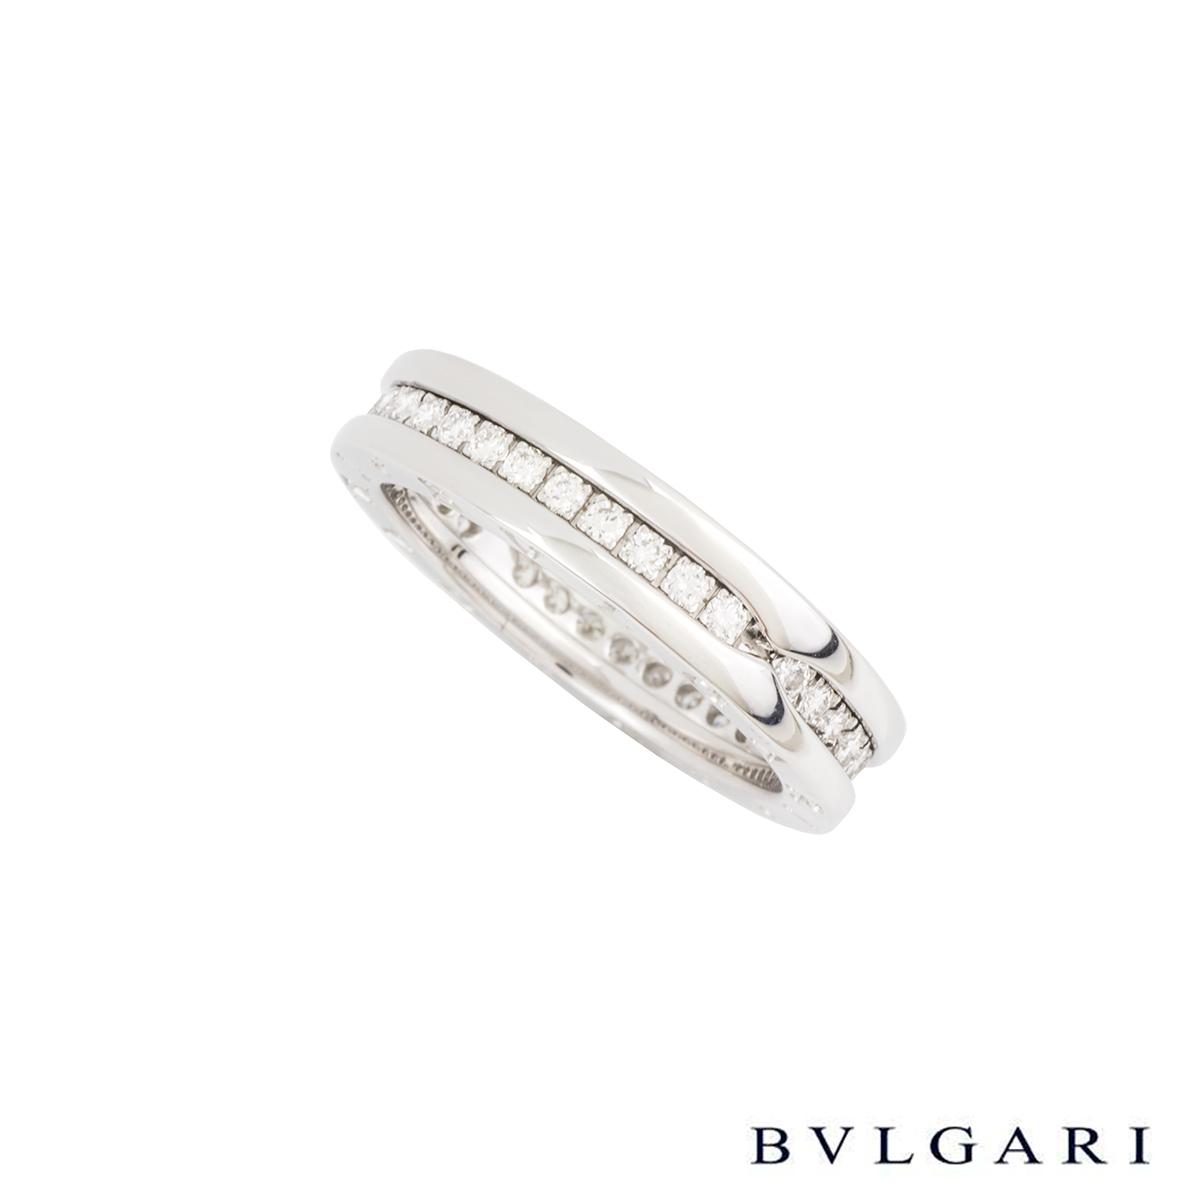 Bvlgari White Gold Diamond Set B.Zero1 Ring AN850656